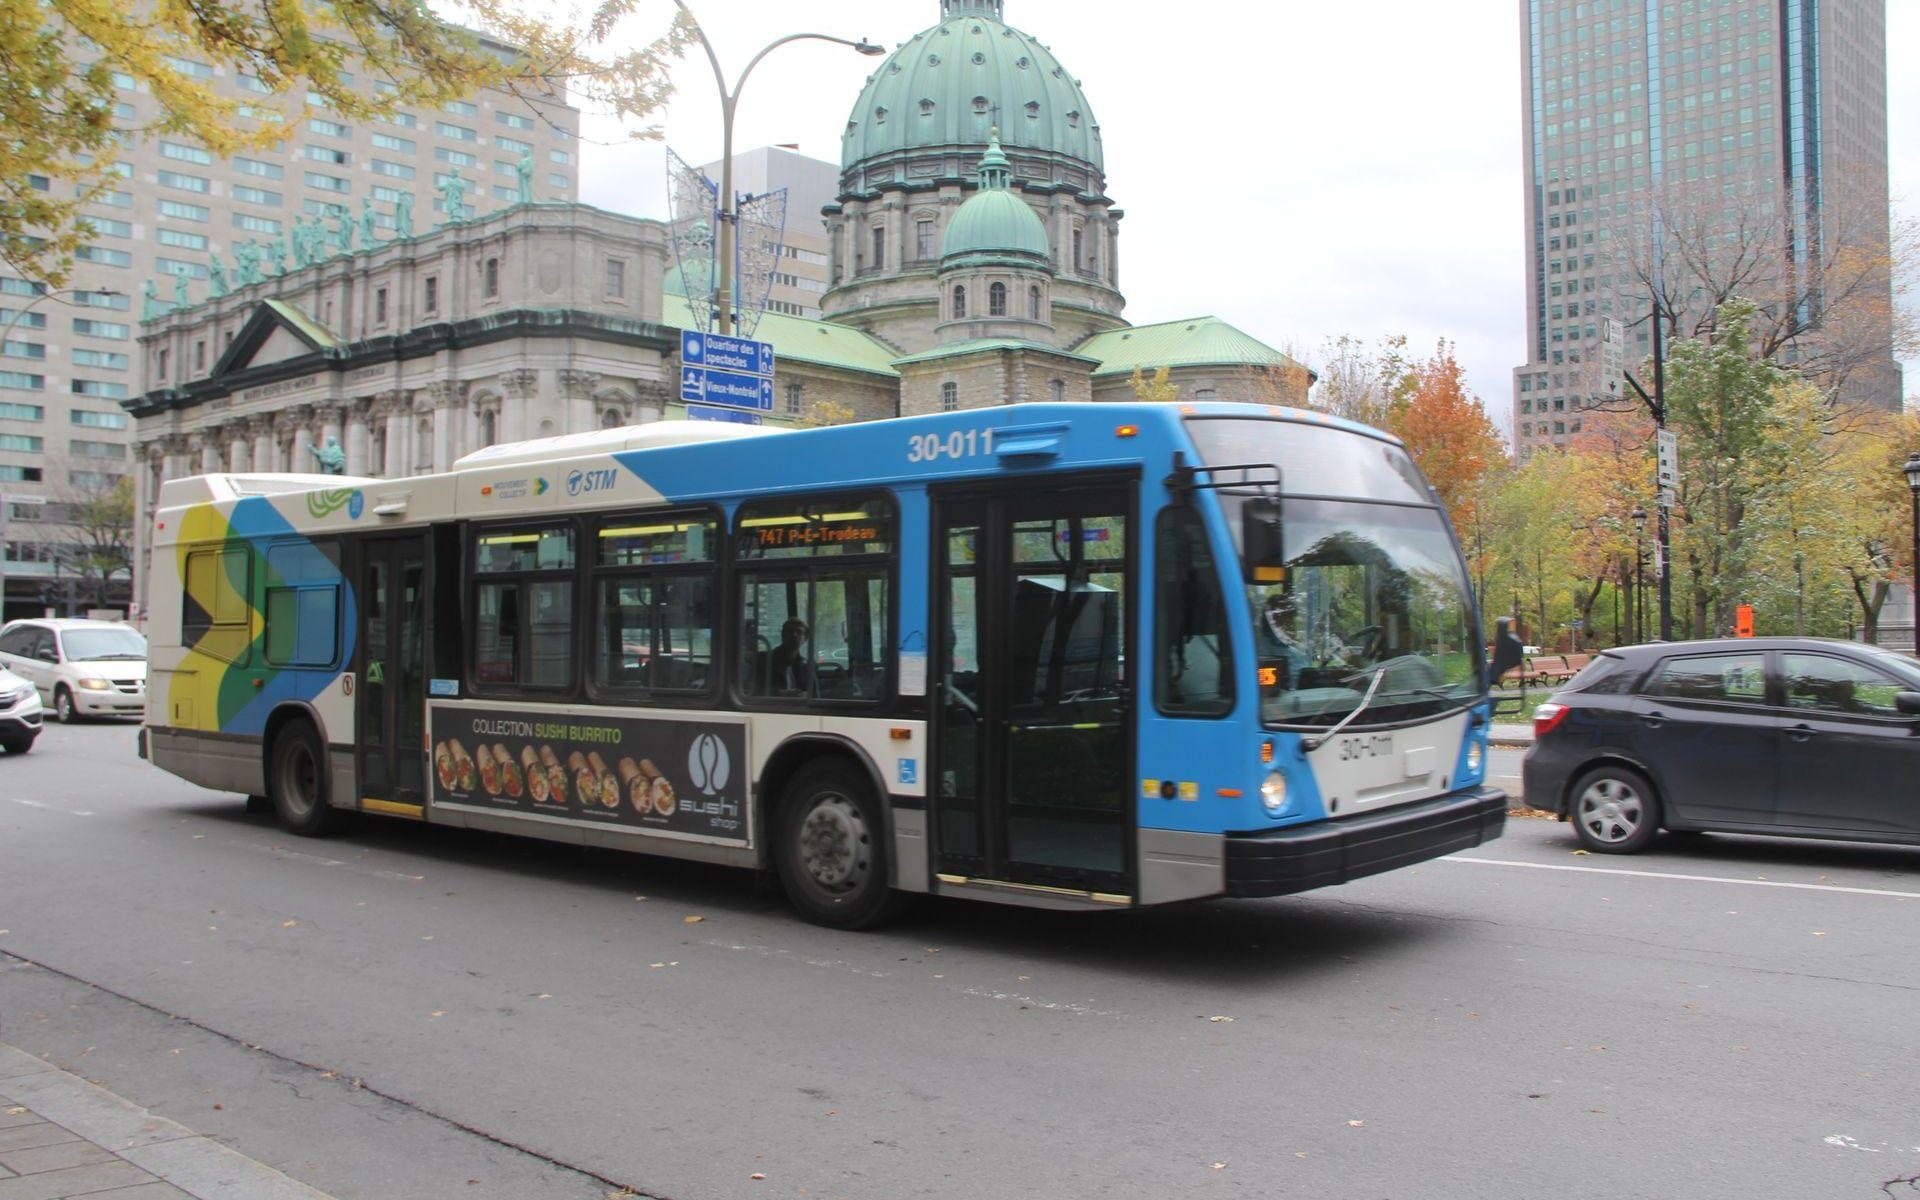 بهترین سیستم های حمل و نقل عمومی